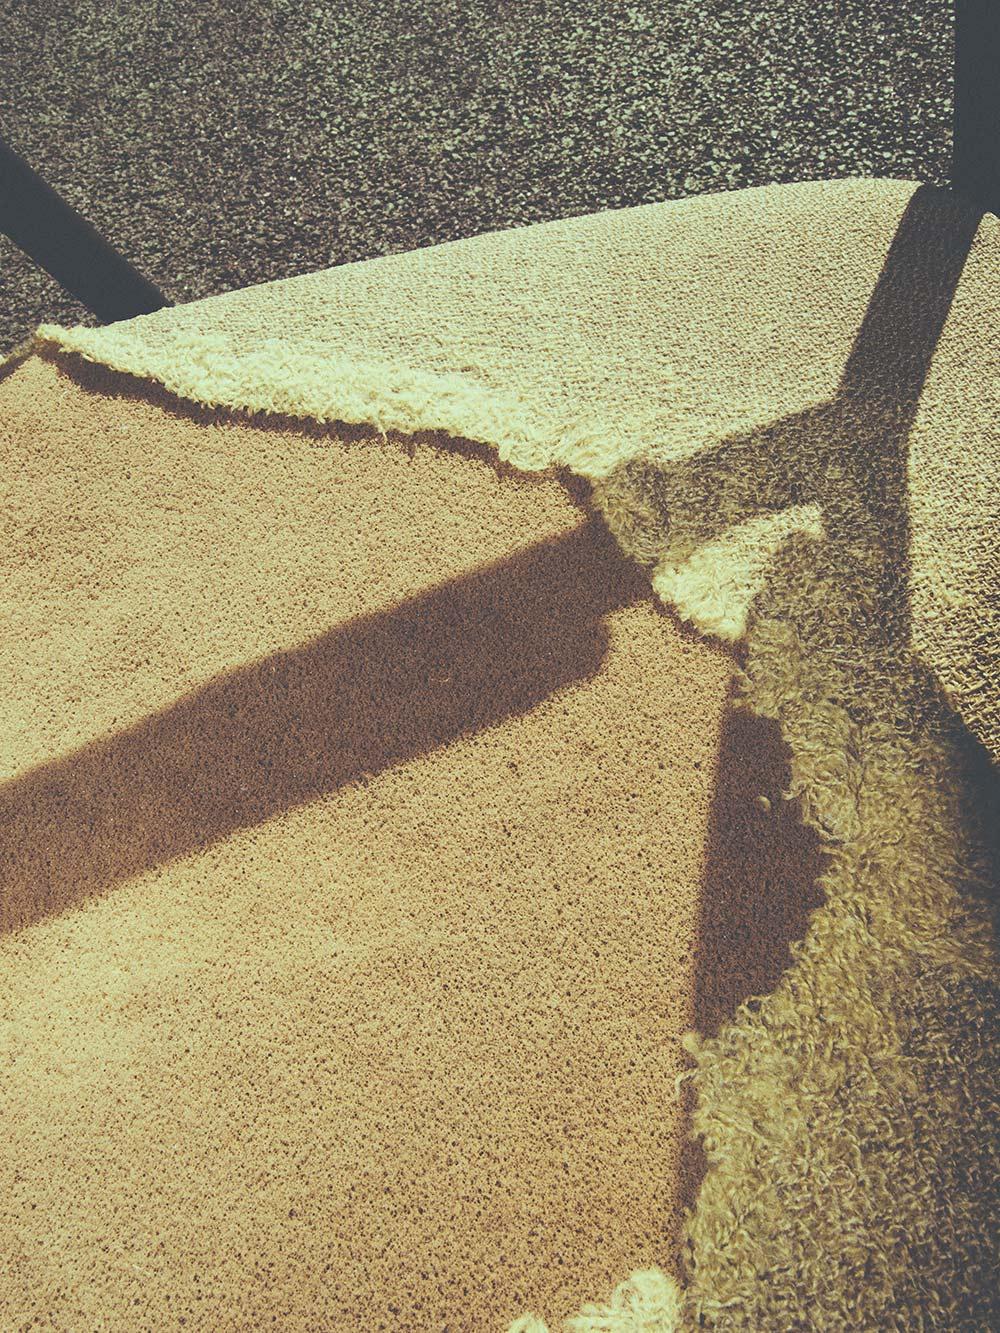 the-sponge-by-pale-grain.jpg